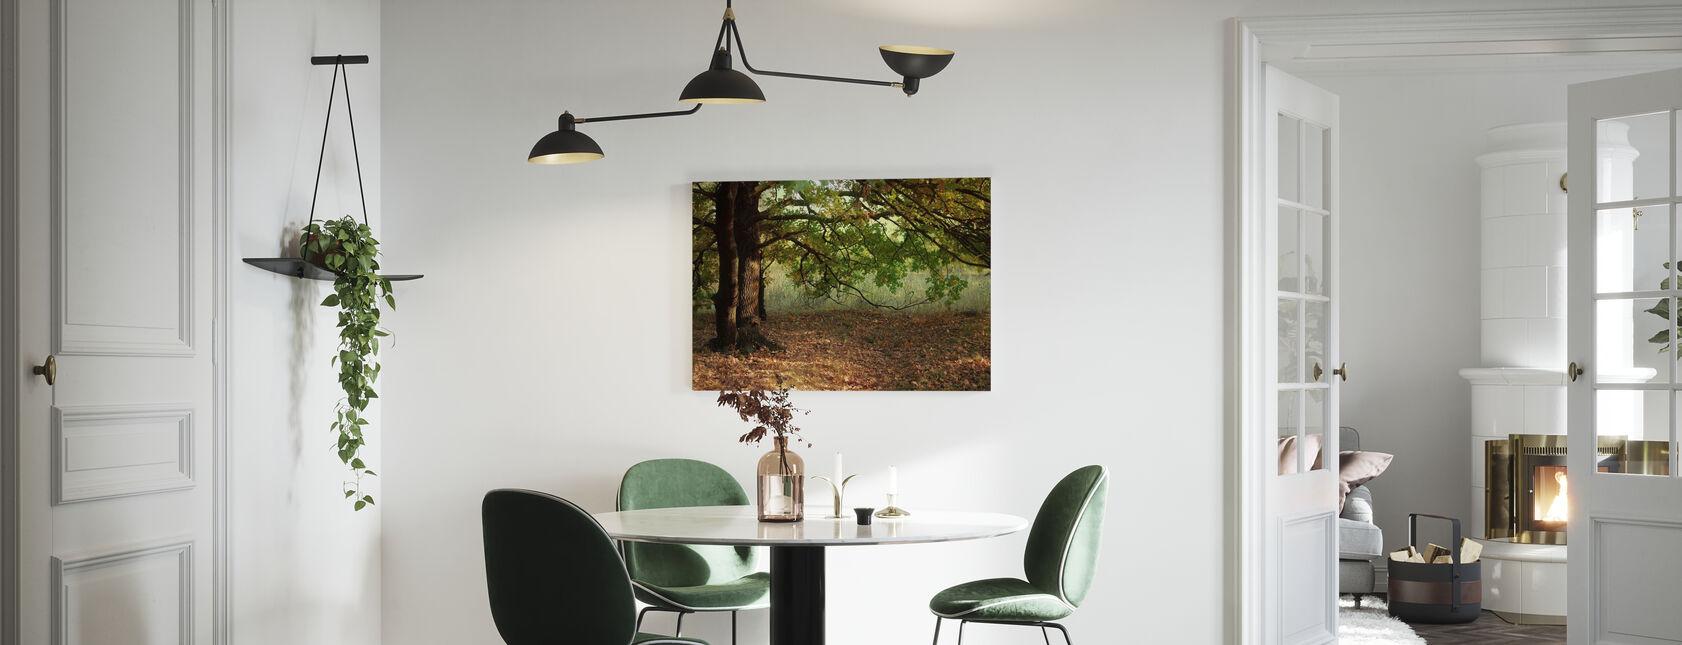 Ilta auringon säteitä syksyn lehdet tammen puu - Canvastaulu - Keittiö